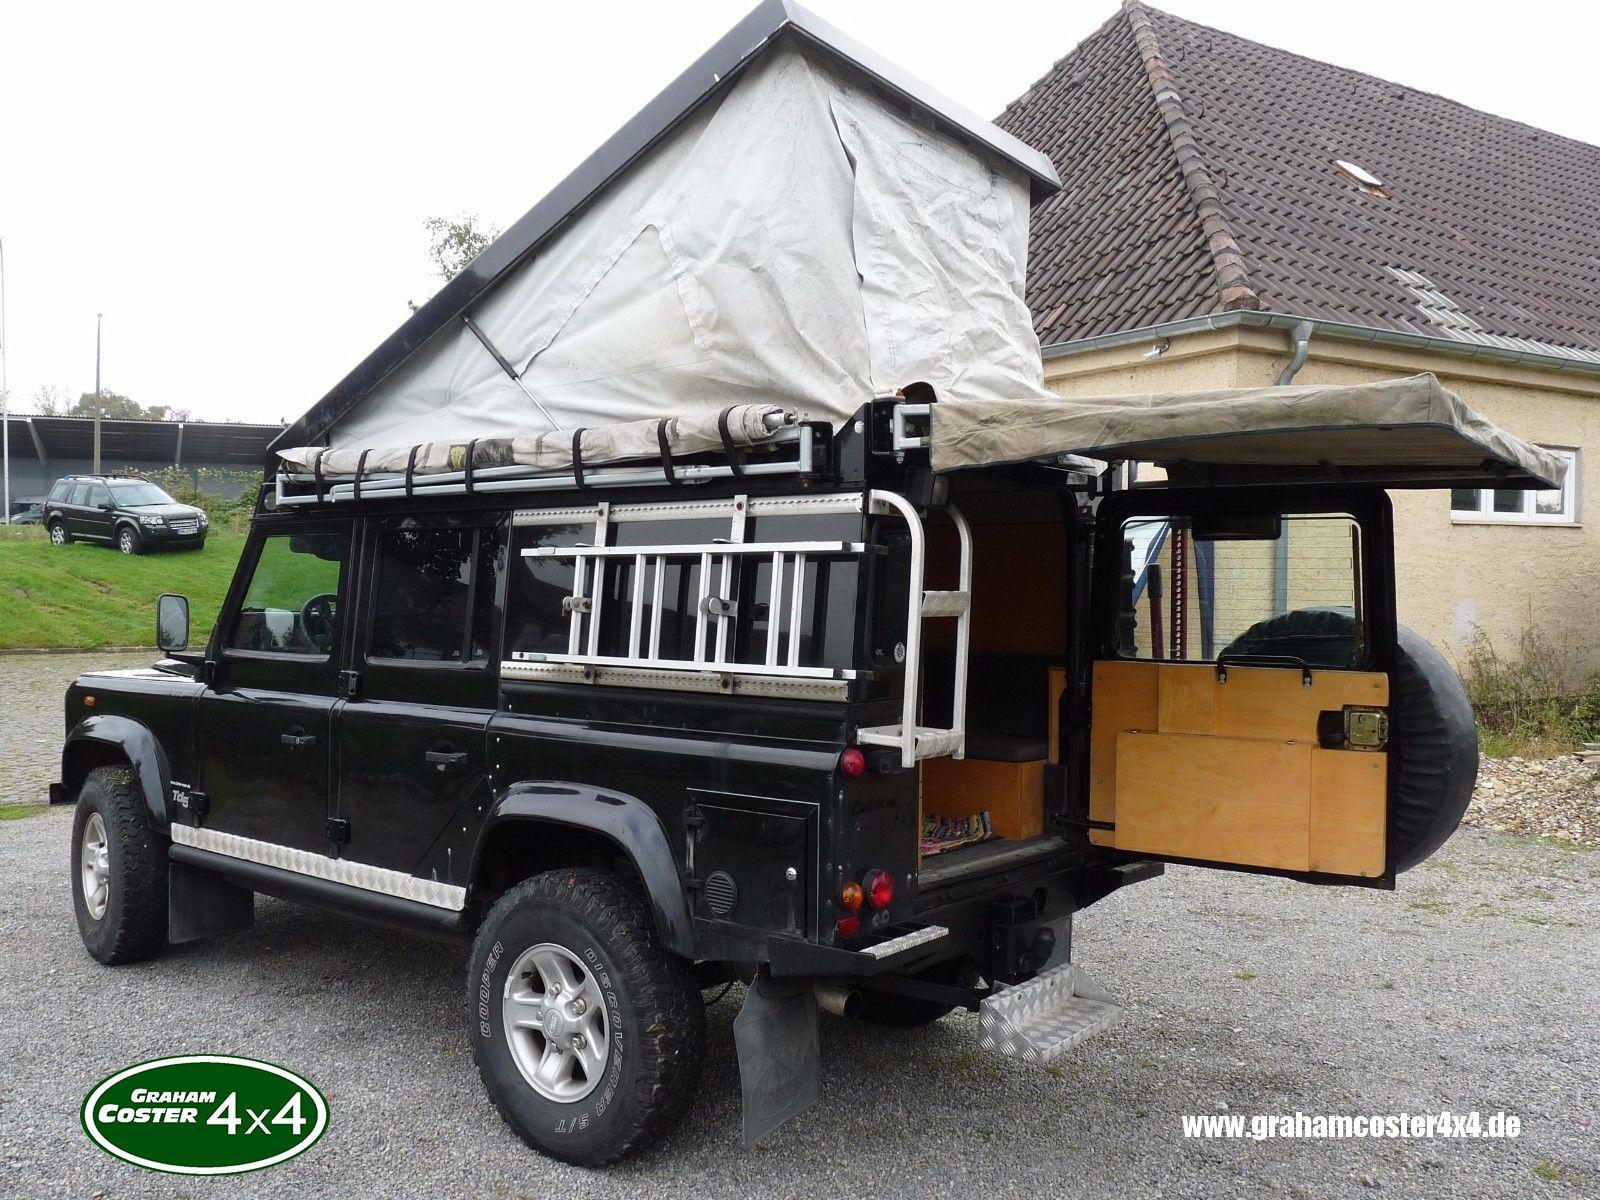 Sofort losfahren ins Abenteuer – Verkauft!